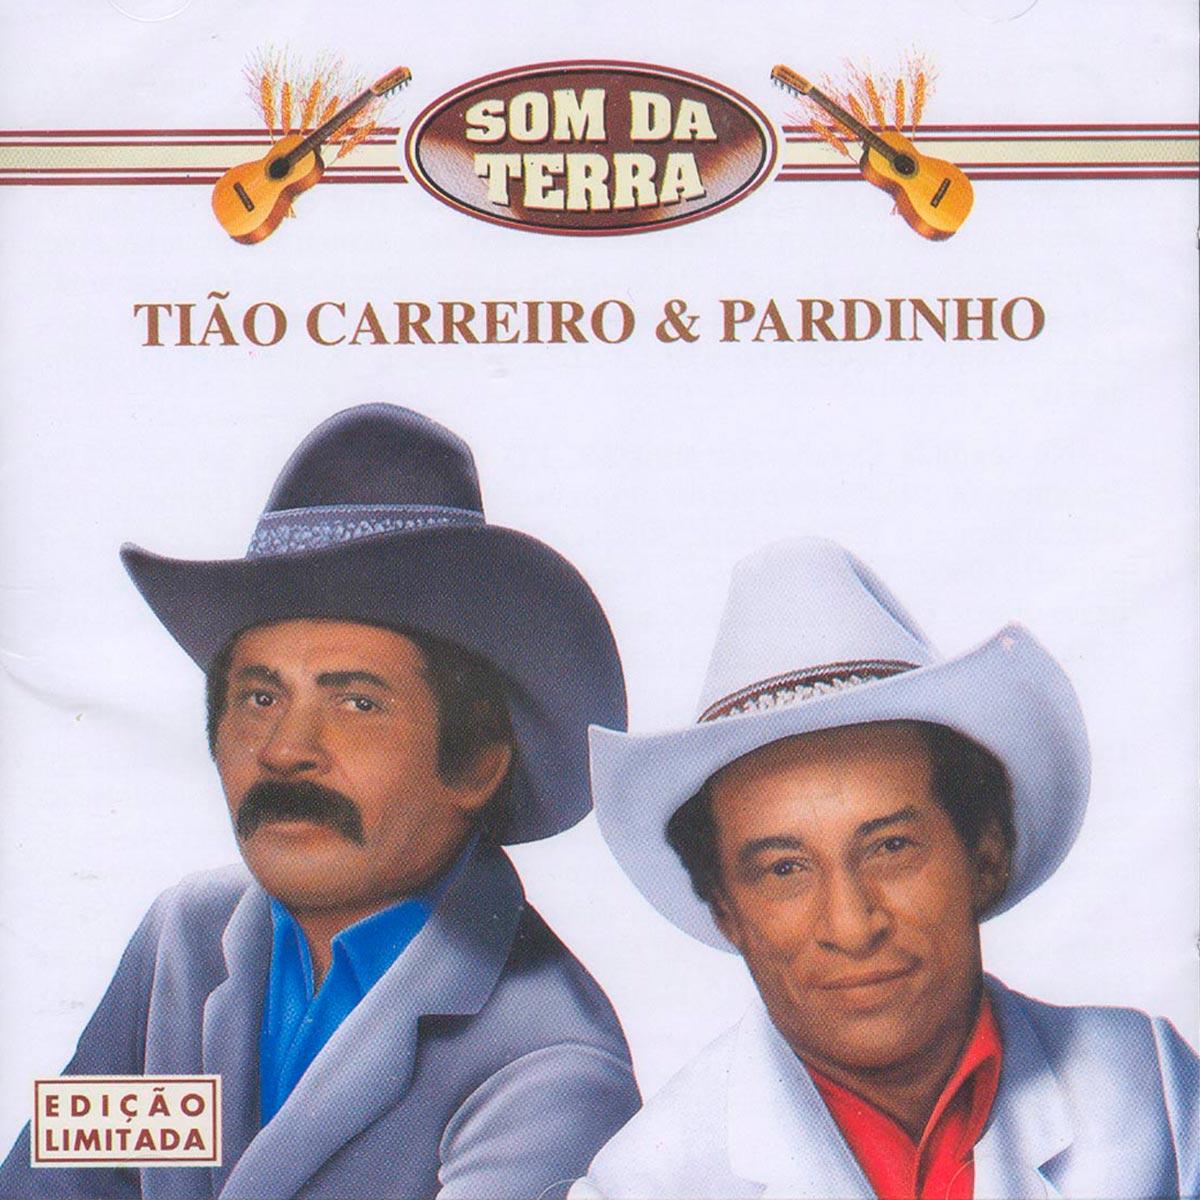 CD Tião Carreiro & Pardinho Som Da Terra